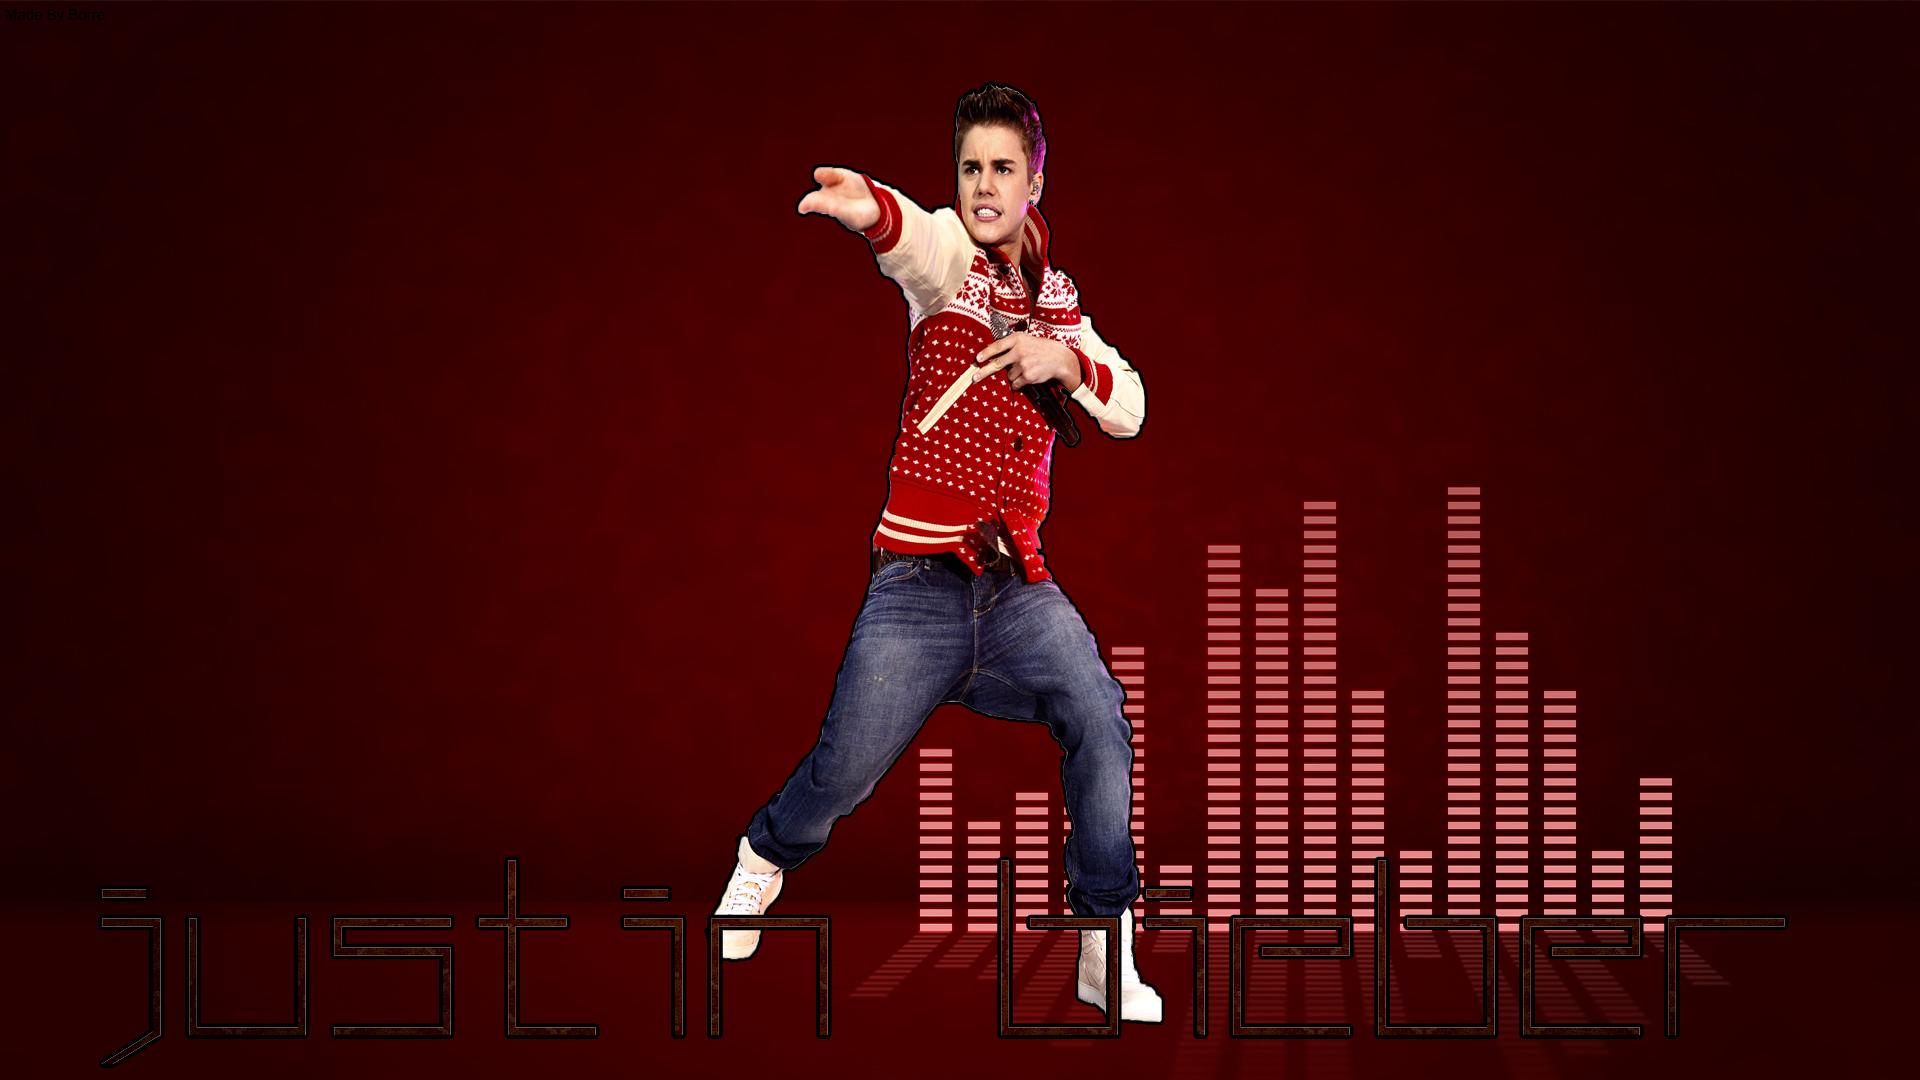 Fall Out Boy Desktop Wallpaper Justin Bieber Wallpaper Hd Pixelstalk Net